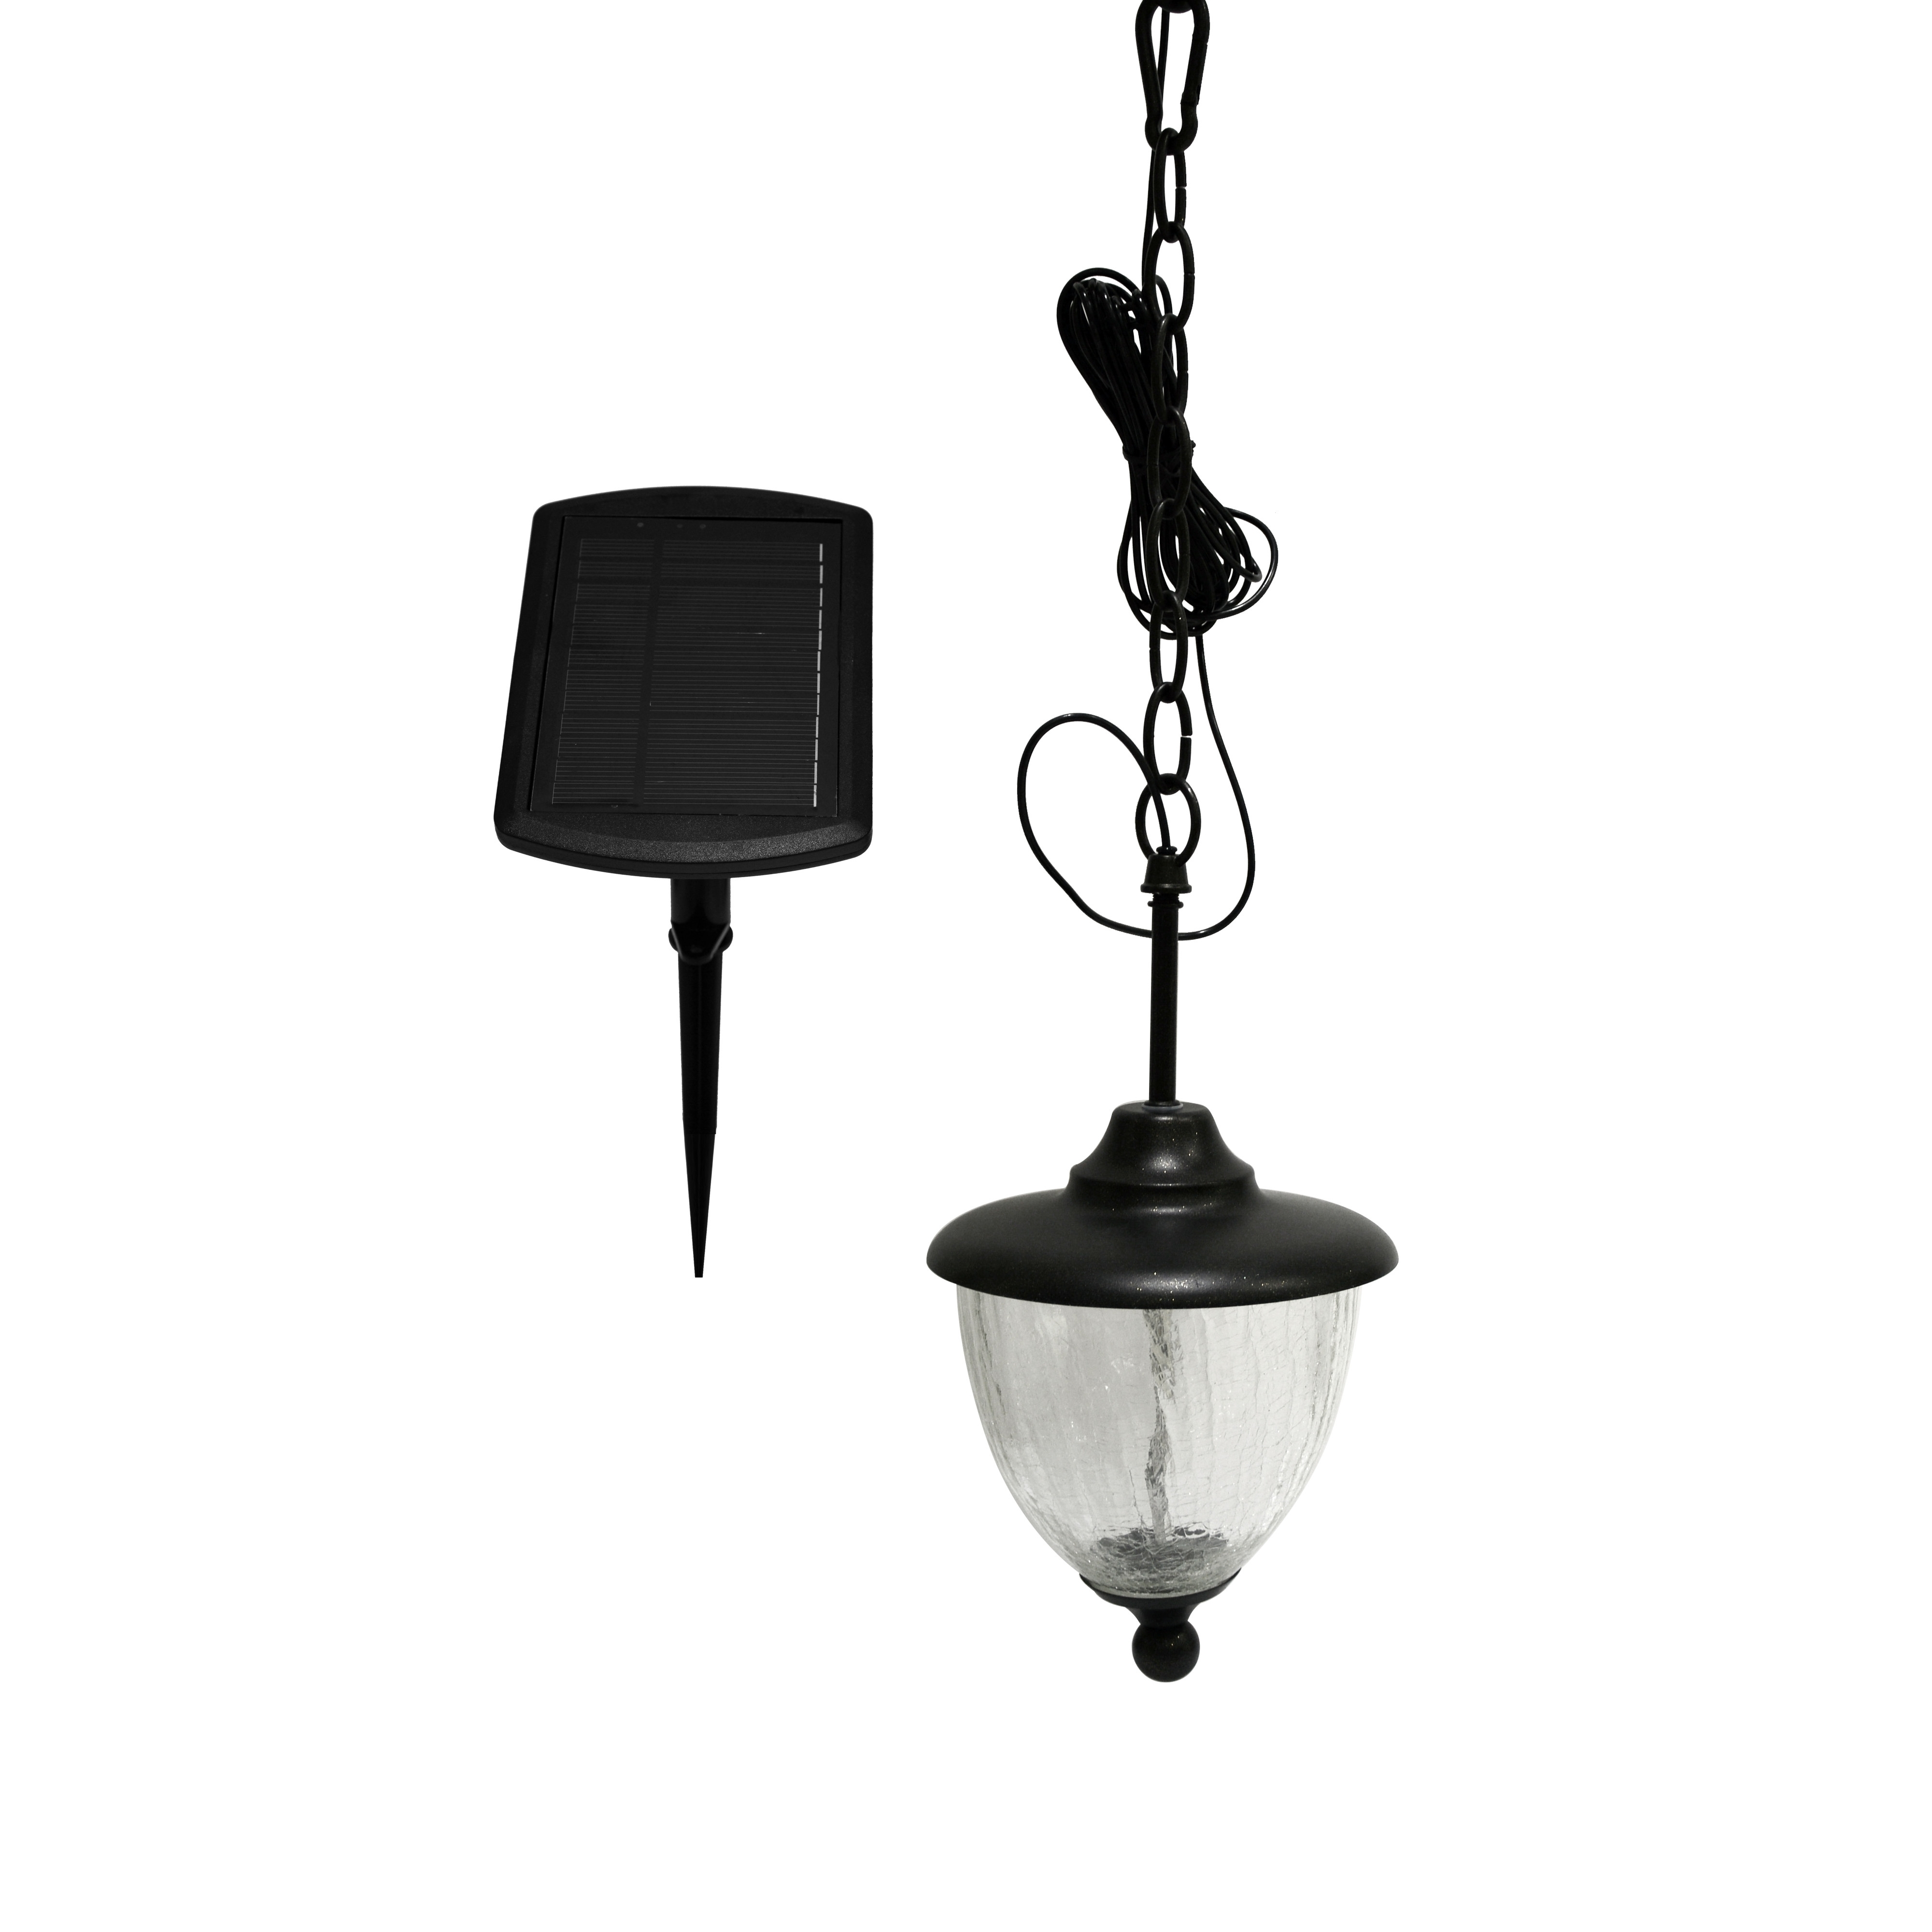 Best And Newest Outdoor Hanging Lights Wayfair Remington Lantern ~ Loversiq For Modern Solar Garden Lights At Wayfair (View 1 of 20)